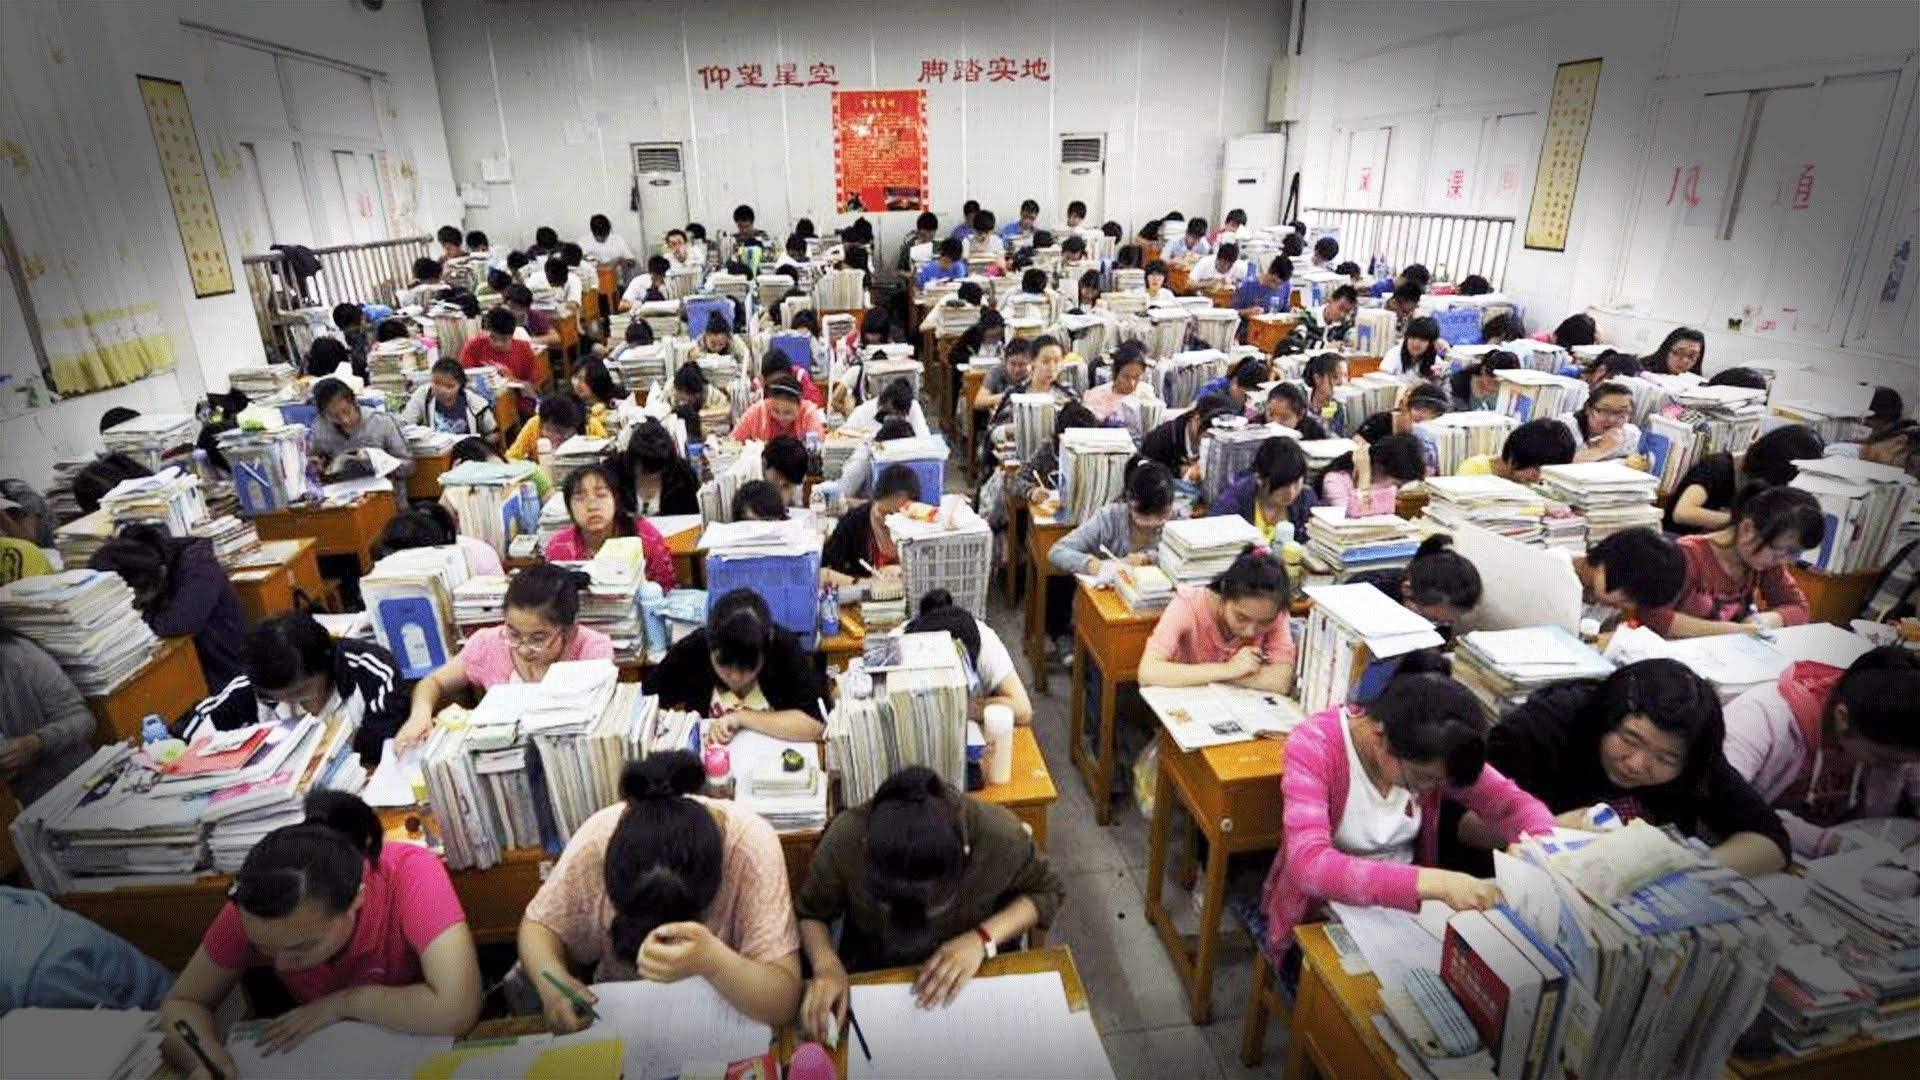 点划教育吴老师做客中国教育电视台(CETV3)谈高考志愿填报